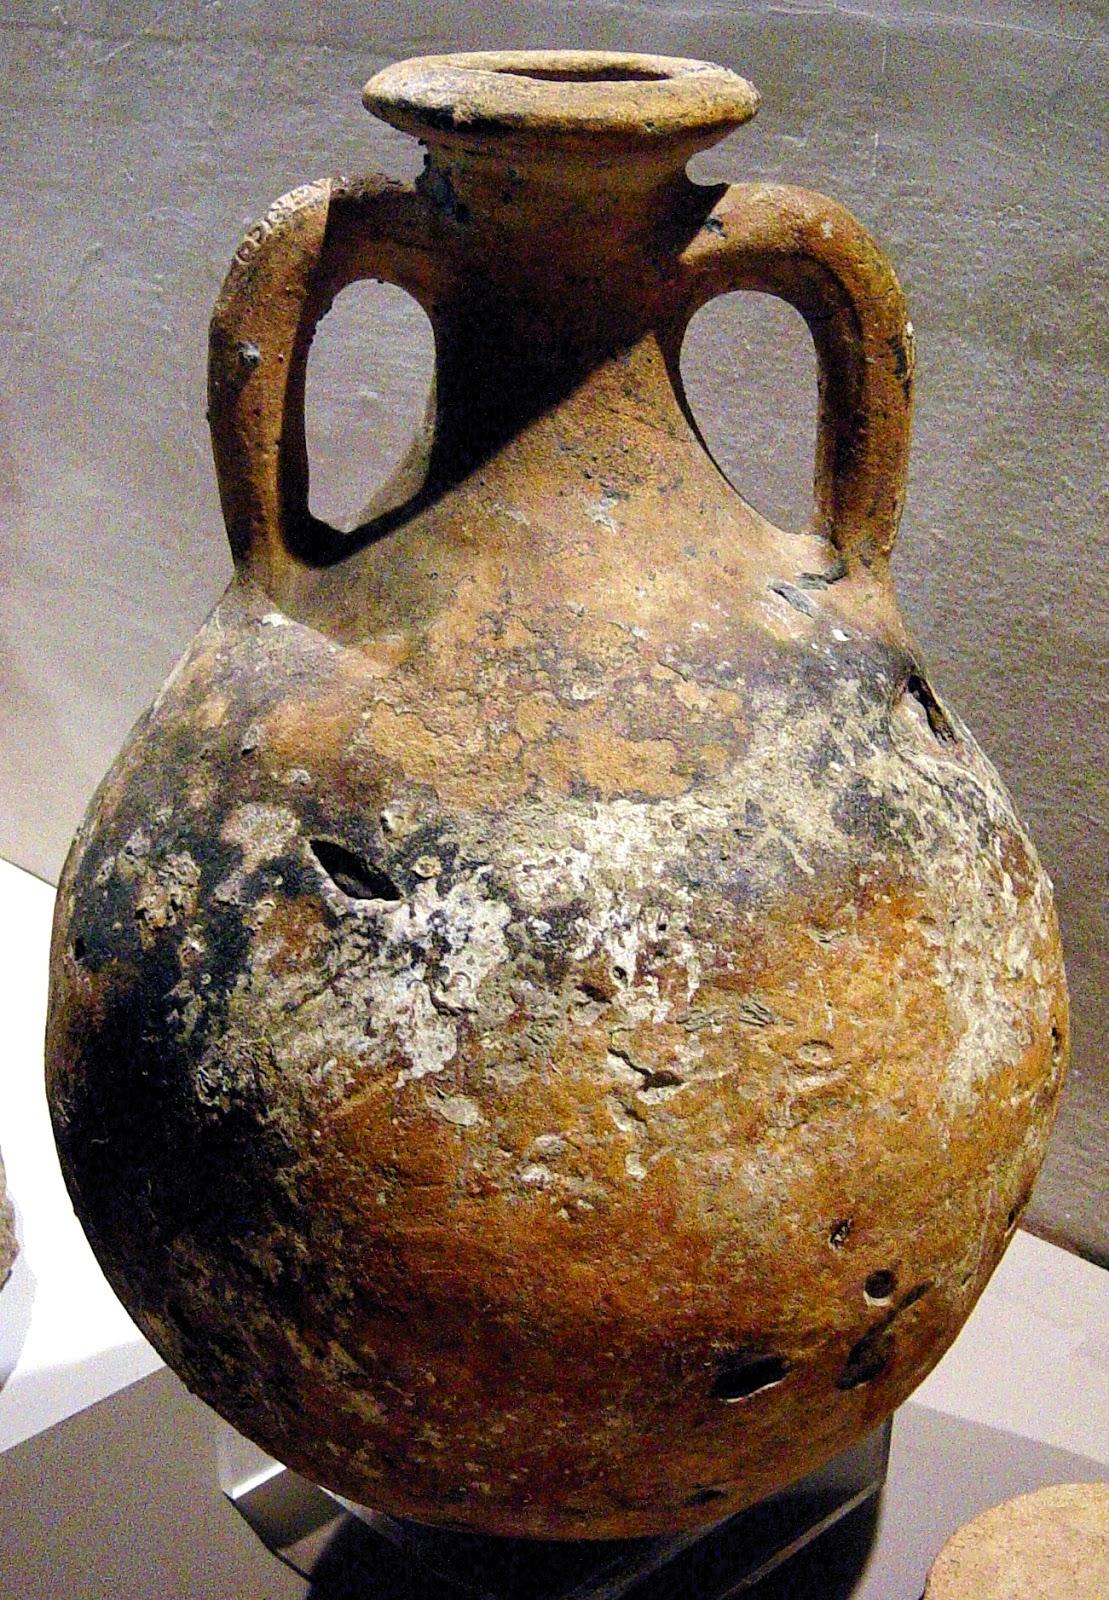 Híspalis (Sevilla): El aceite que gobernó el imperio romano